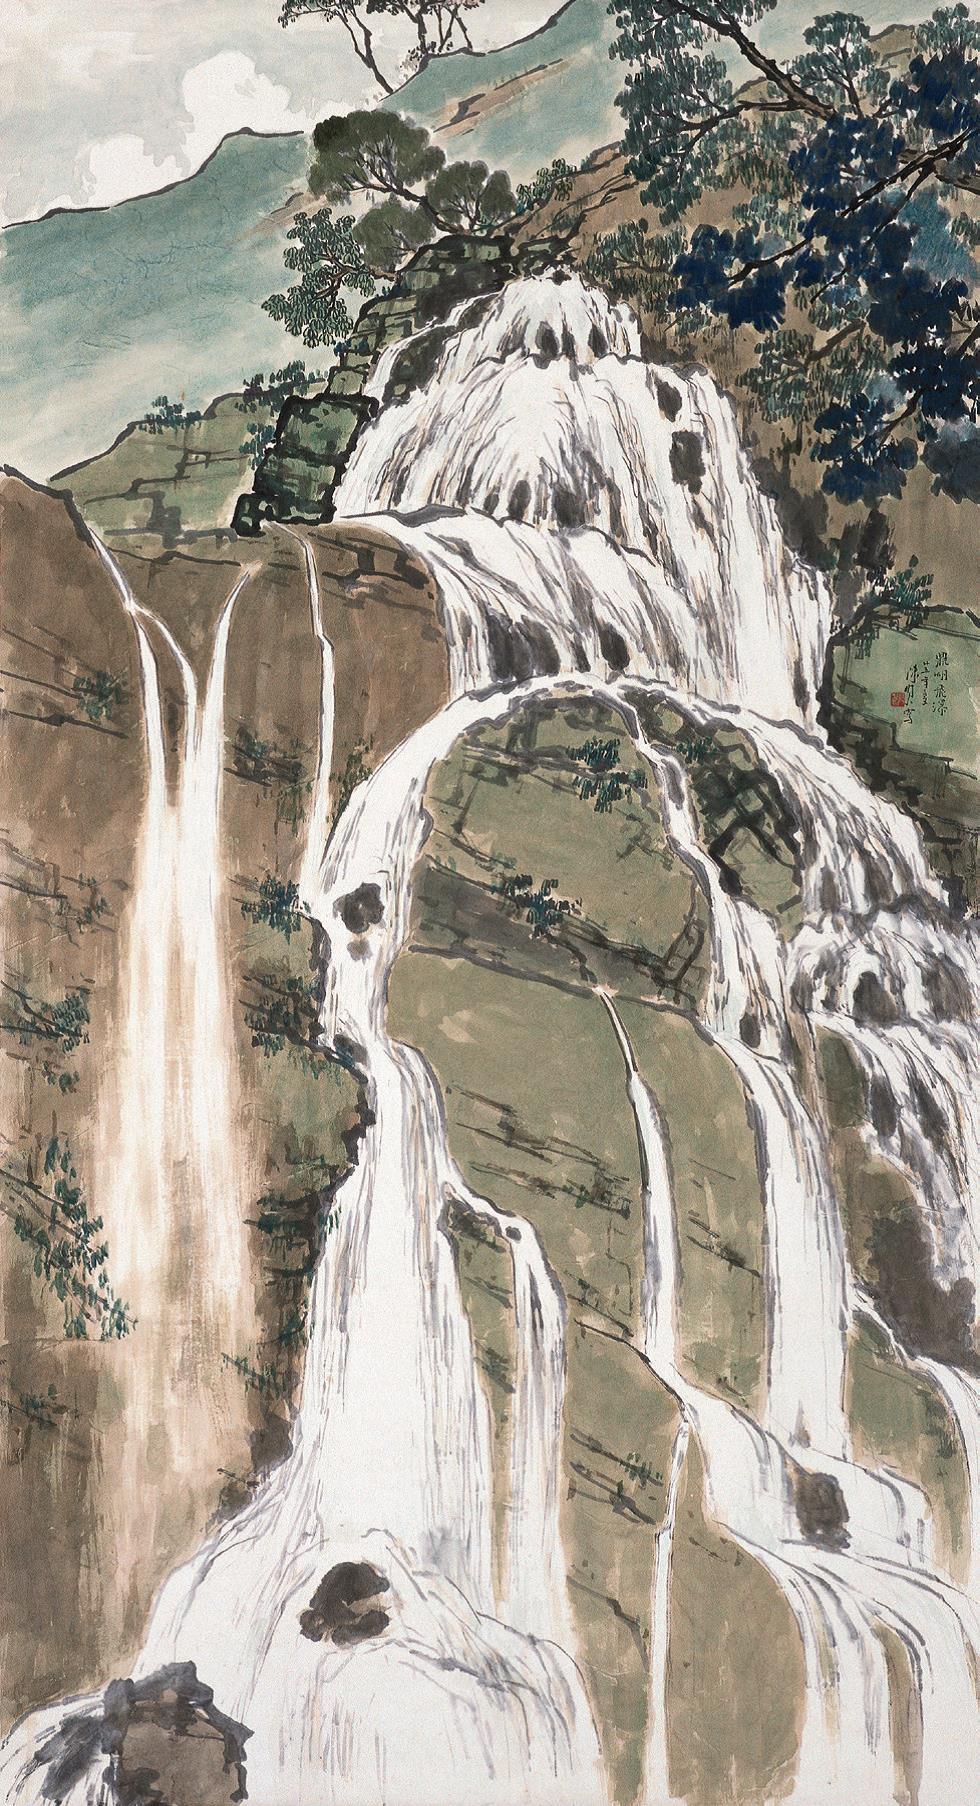 陈树人《鼎湖飞瀑》中国画 175×94.5cm 1936年 中国美术馆藏